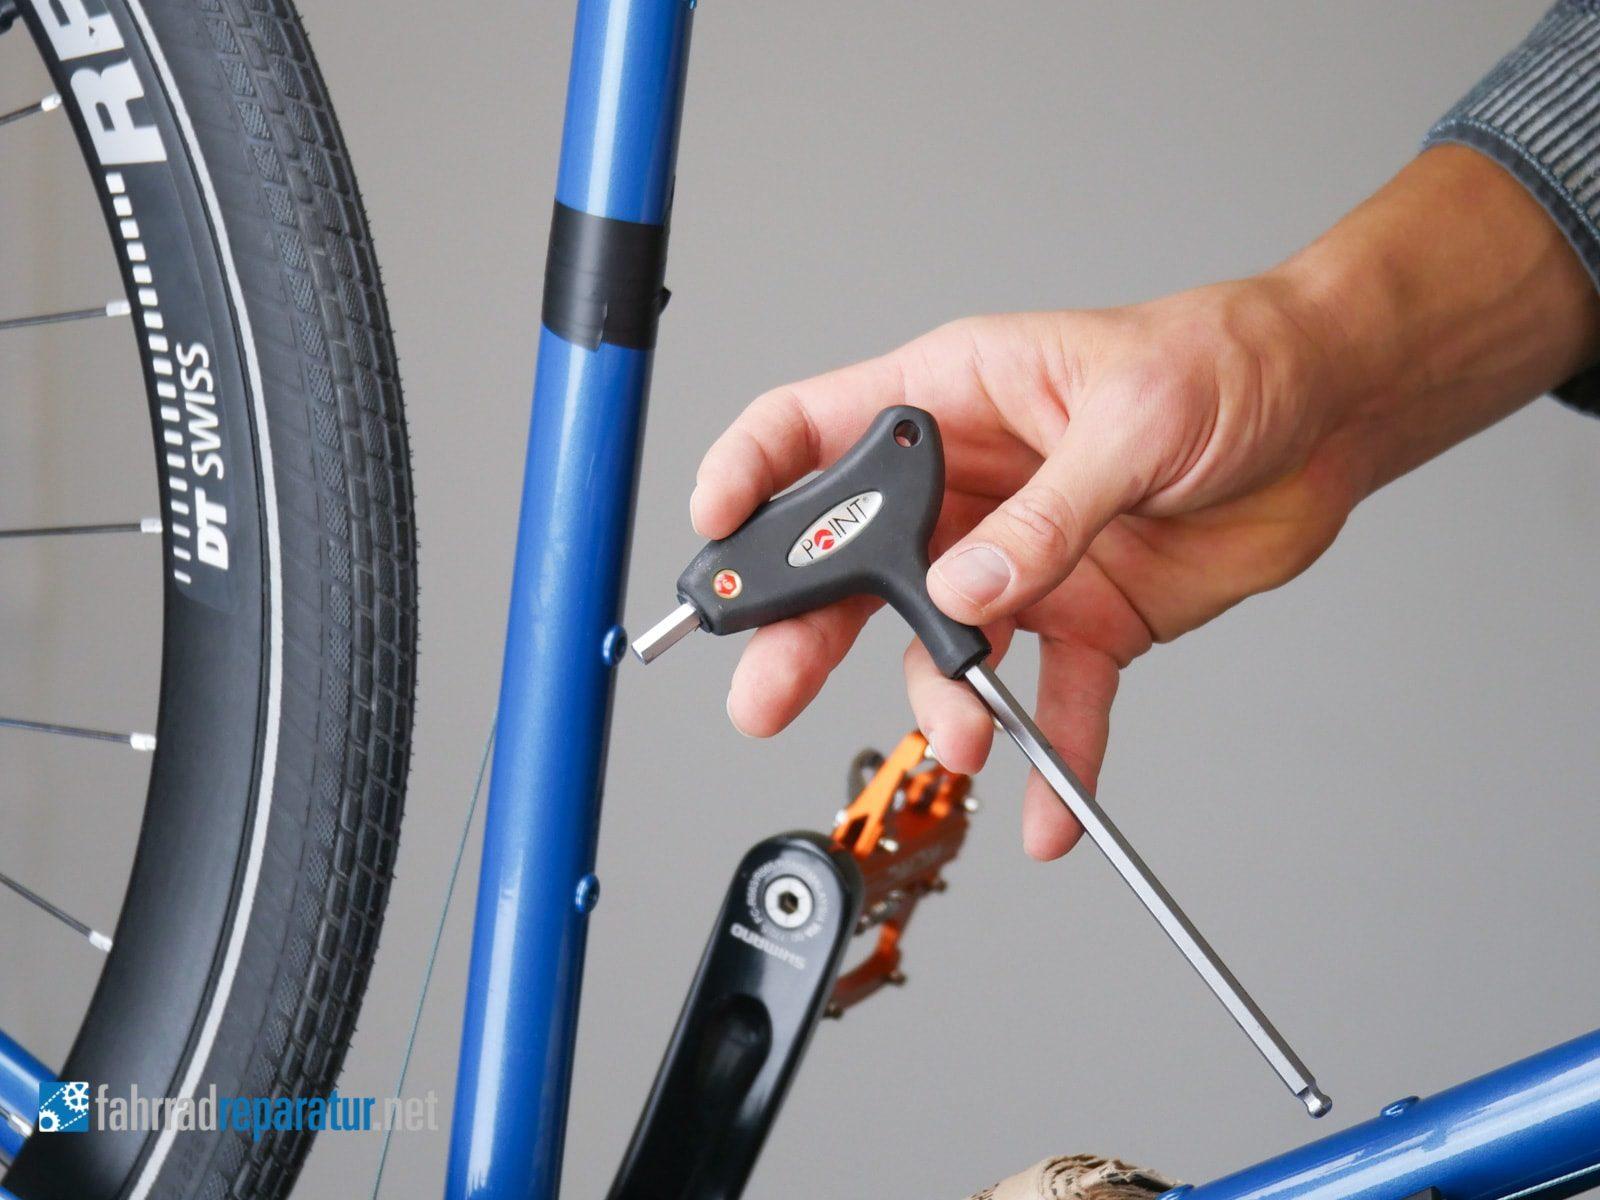 fahrradpedale wechseln montage anleitung mit bildern. Black Bedroom Furniture Sets. Home Design Ideas